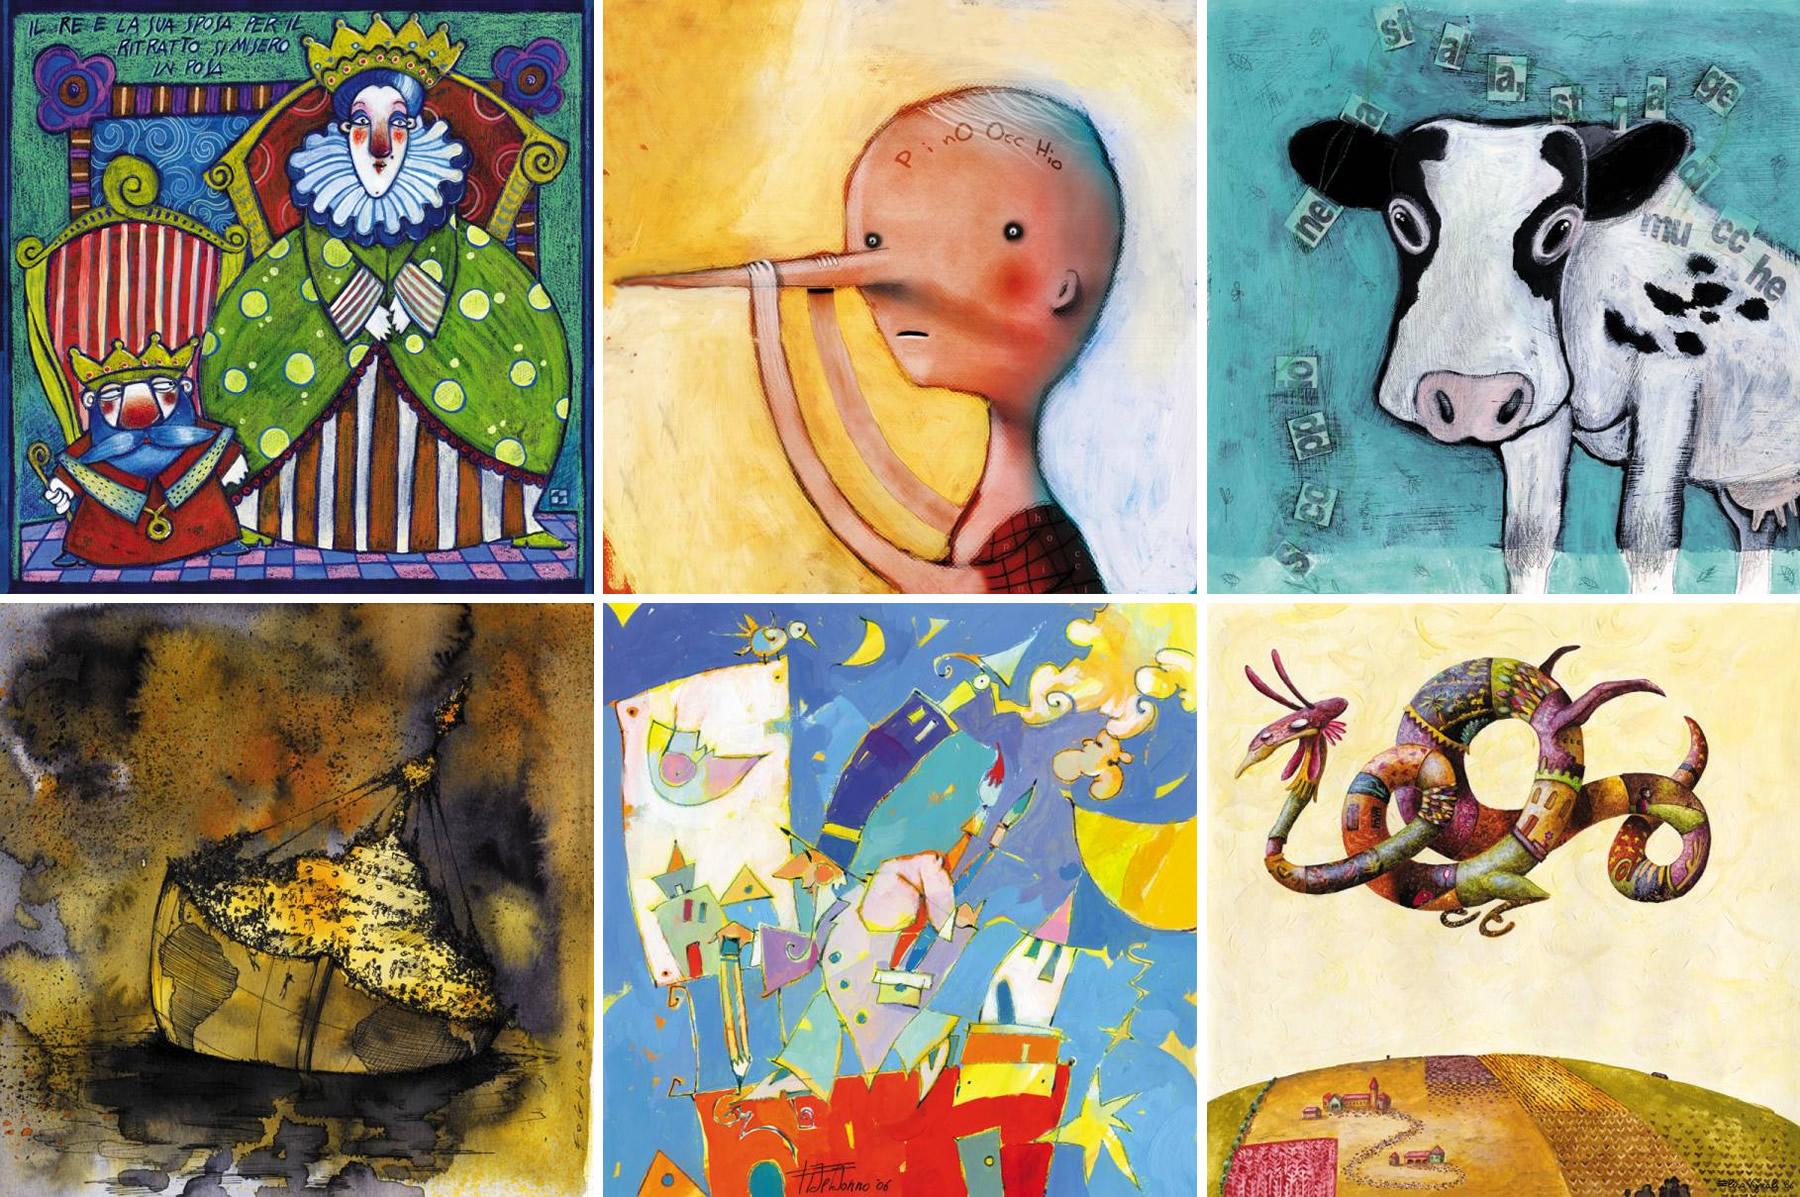 Sei illustrazioni tratte dal Calendario Duemila7 di Tapirulan gli autori delle illustrazioni sono, da sinistra, in senso orario: Sabrina Inzaghi, Giovanni Nori, Manuela Saccani, Elisa Vignali, Fabio De Donno, Fogliazza